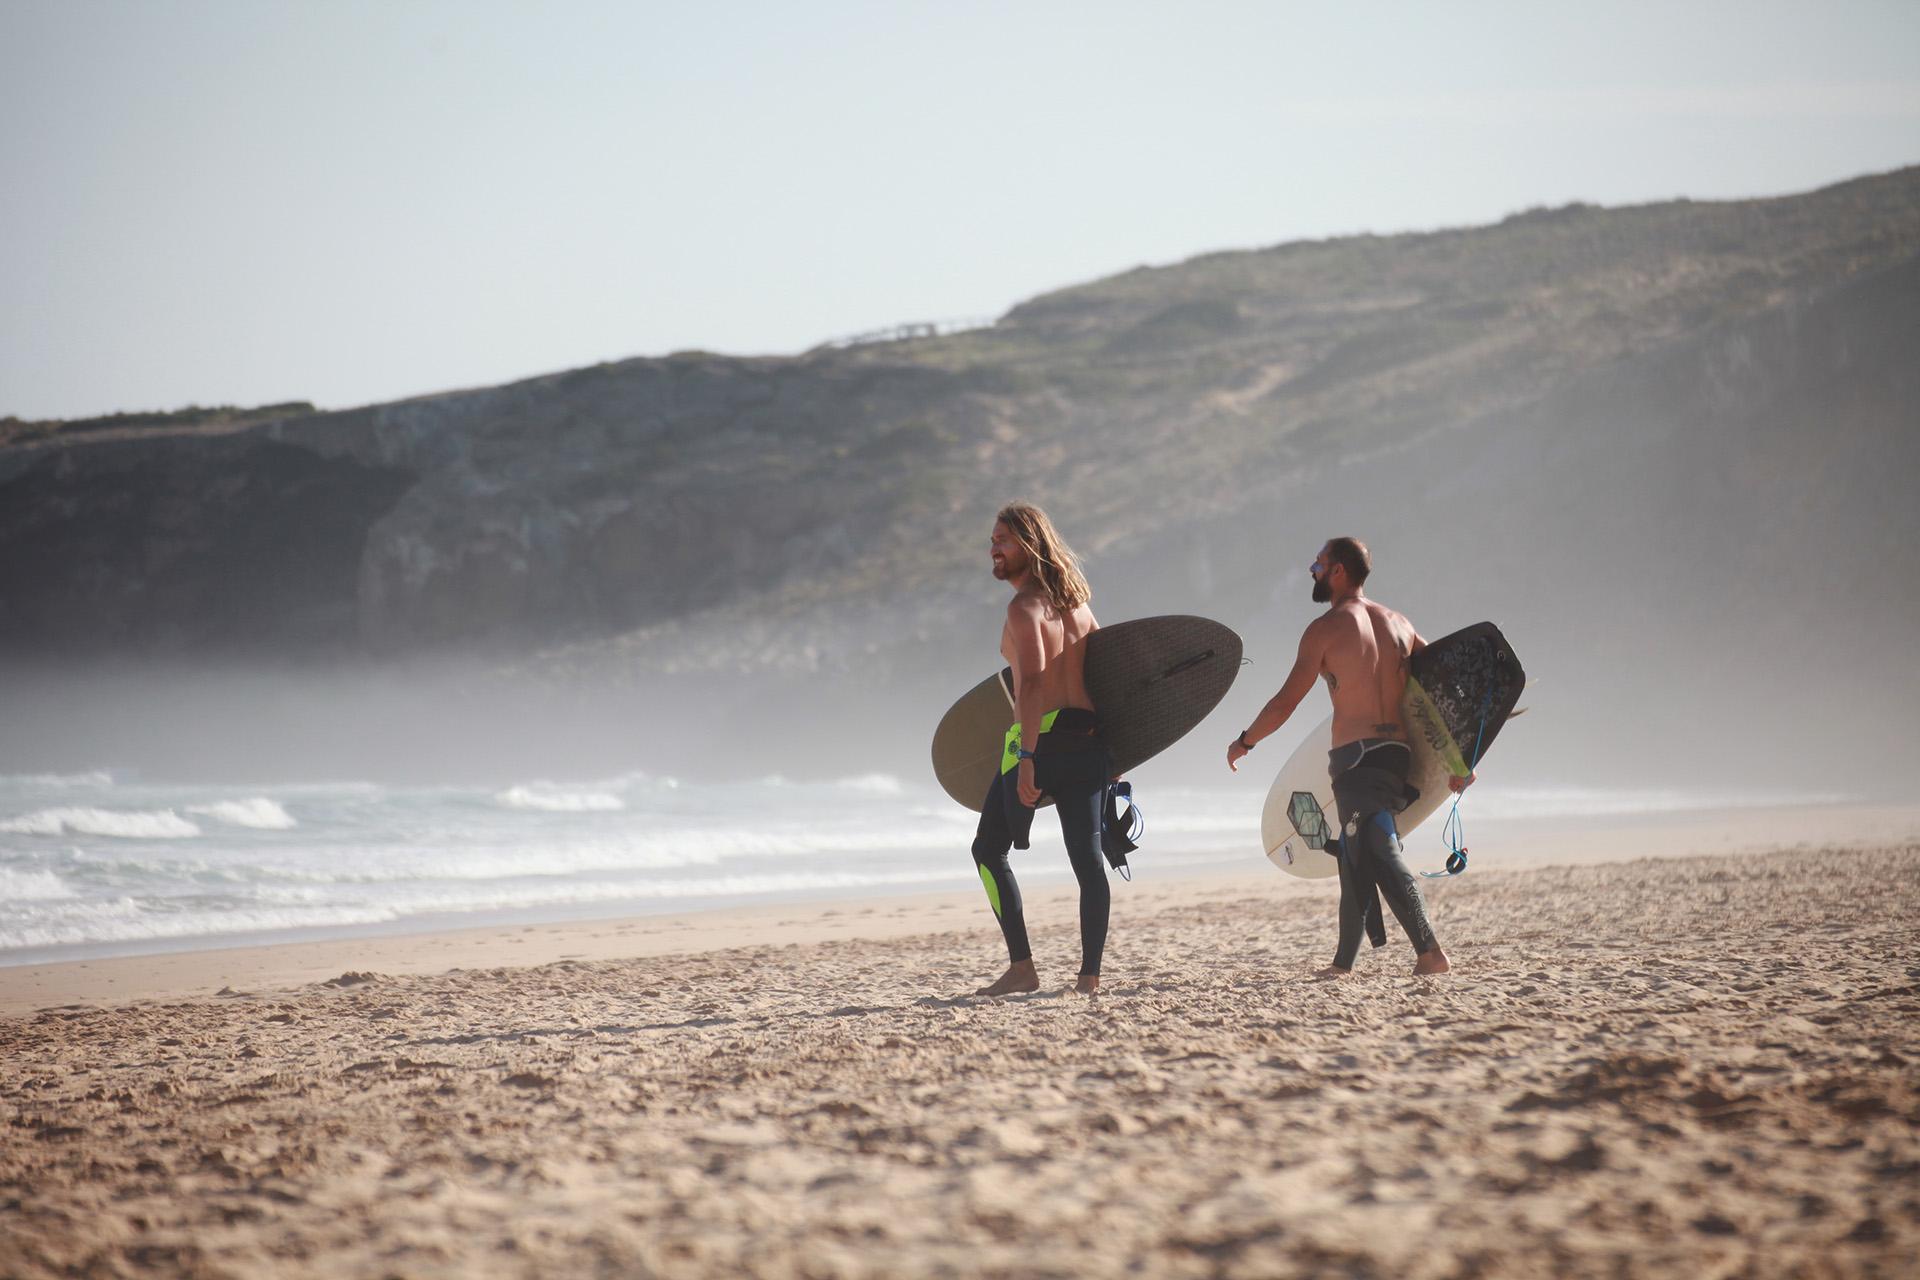 surfing in algarve